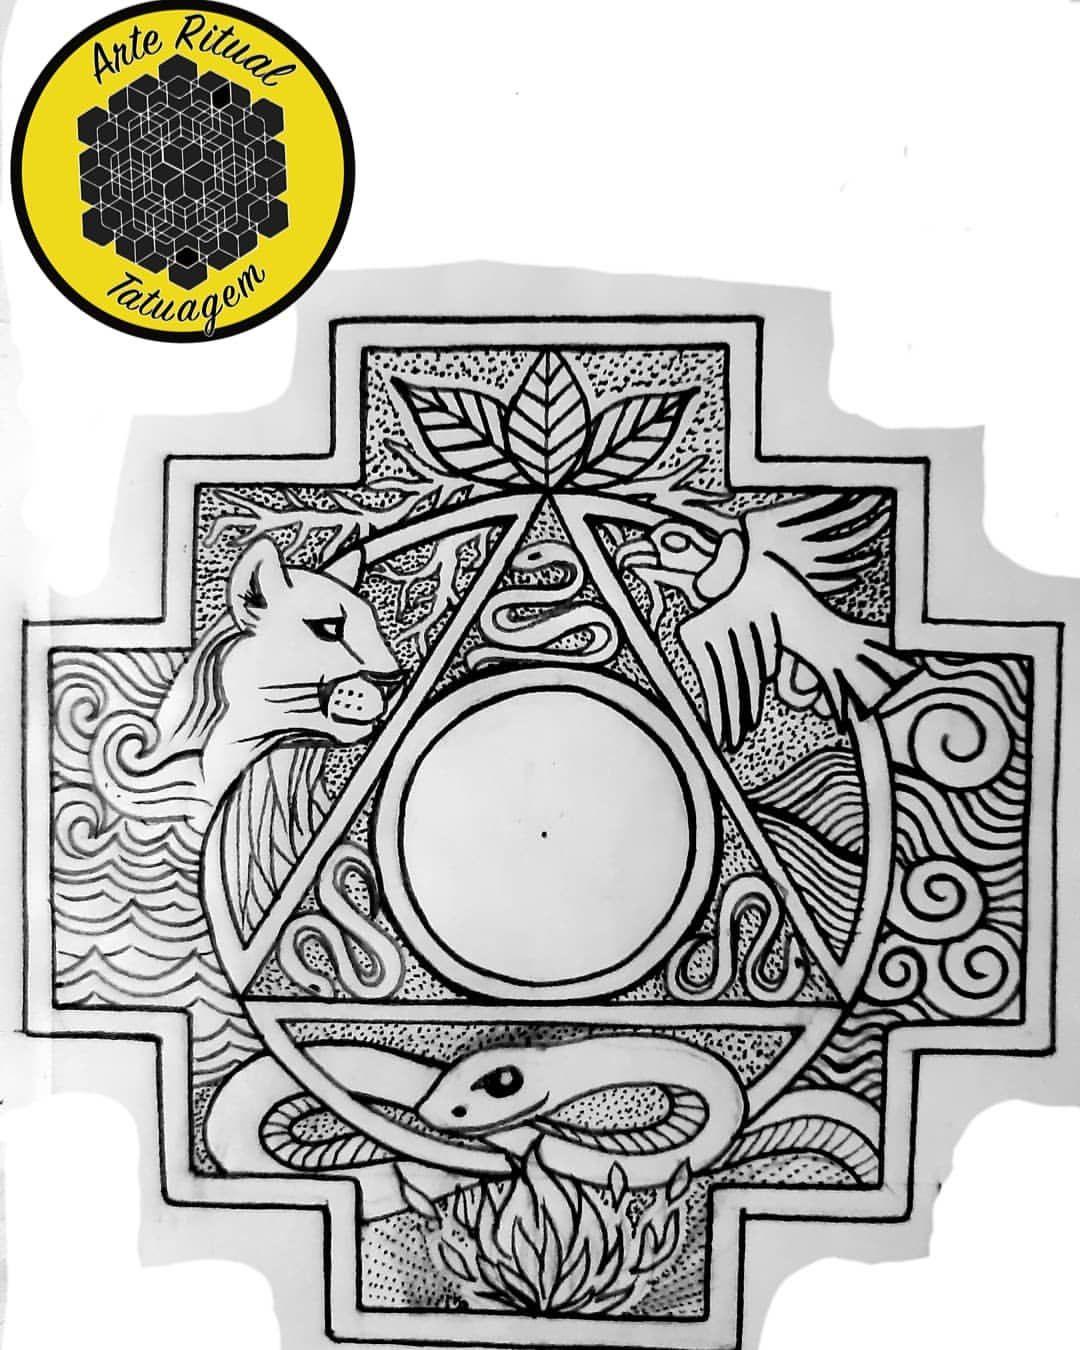 Arte Inspirada Na Cultura Andina Que Corre Nas Minhas Veias A Chakana Poderoso Simbolo De Ascencao E Conexao Cosmica Inca Tattoo Peruvian Art Native Symbols